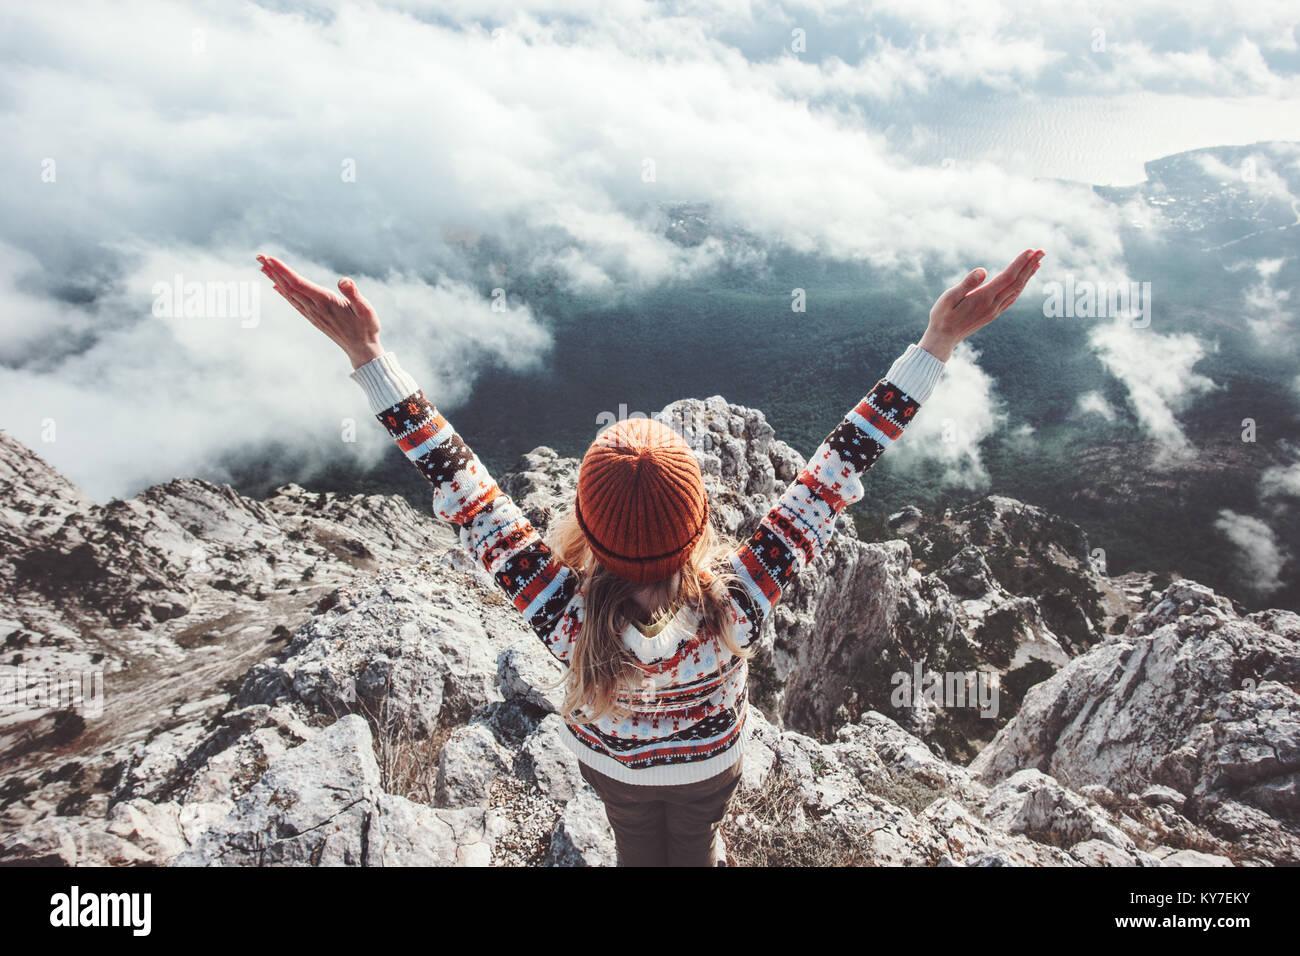 Donna felice traveler sul vertice di montagna le mani alzate in alto stile di vita viaggio concetto di successo Immagini Stock